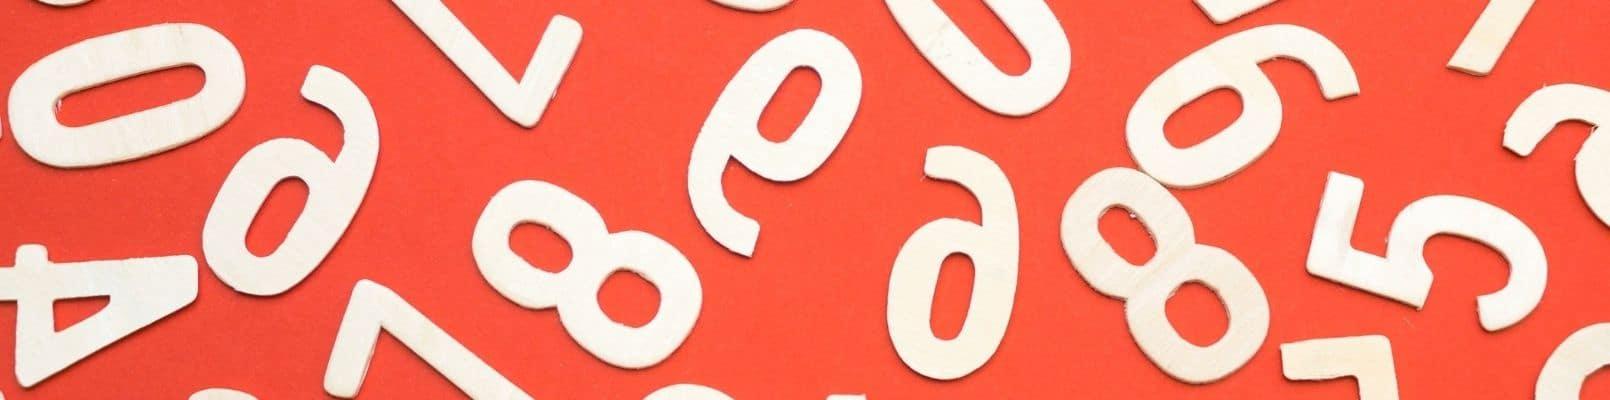 semnificatie numere repetate